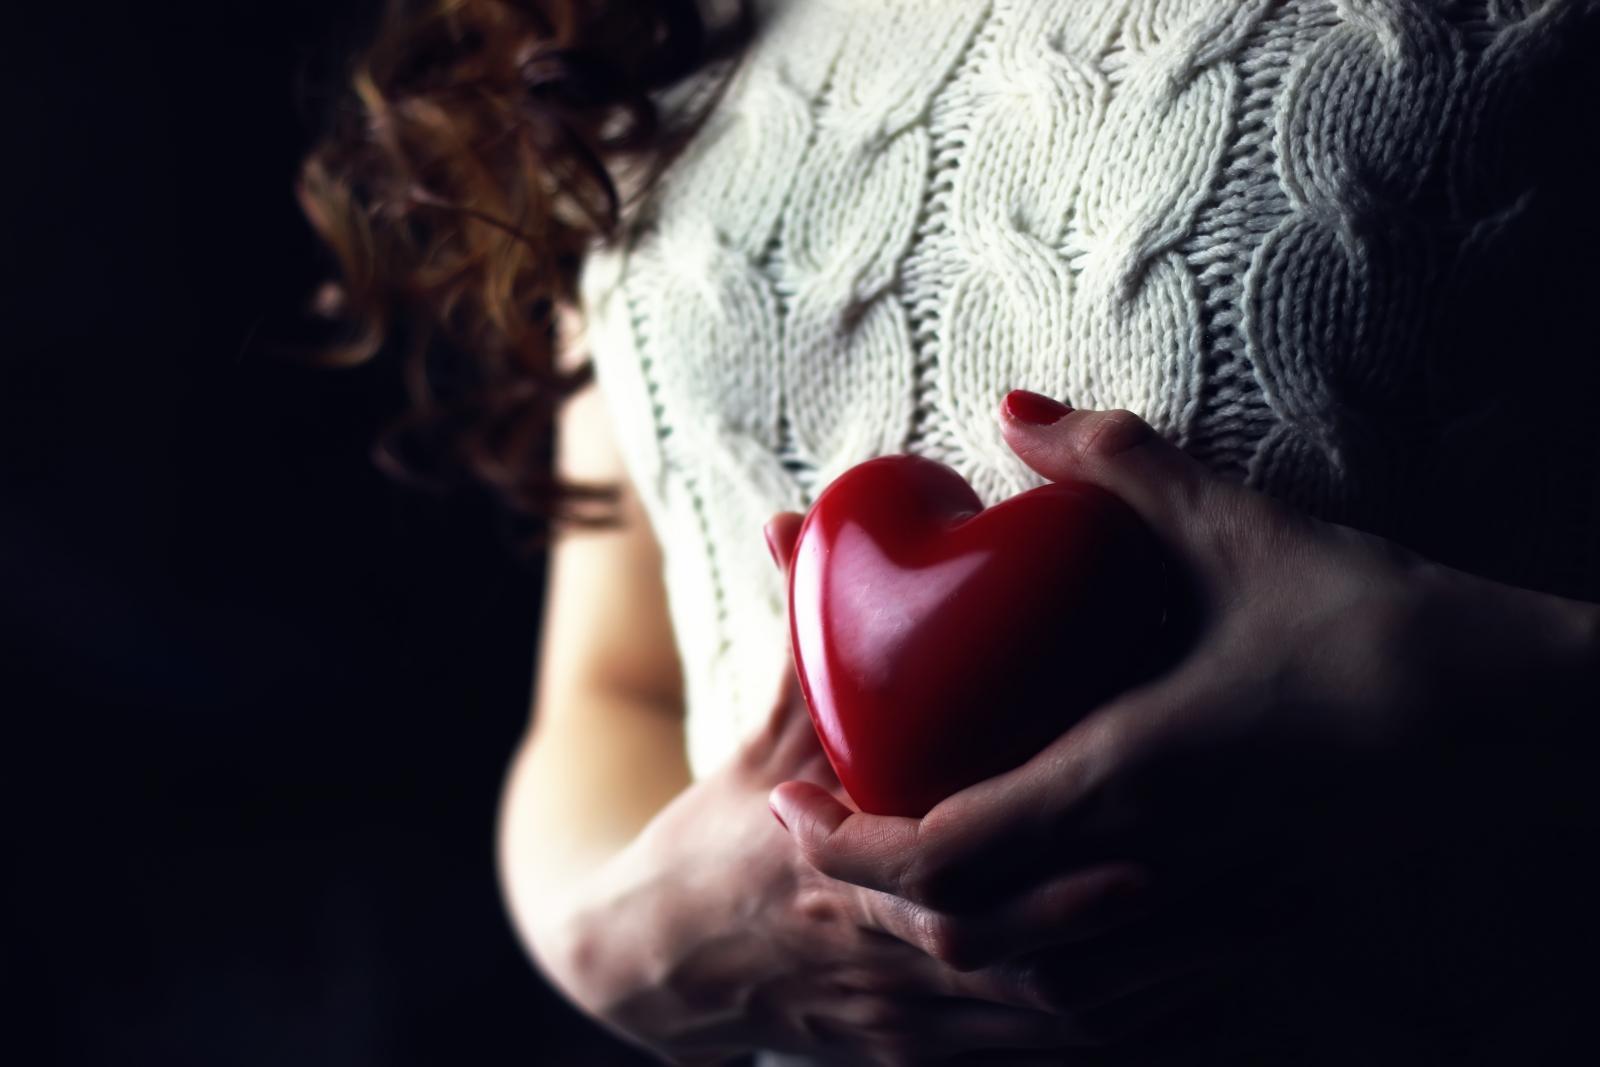 Svakim danom naša trudnica Silvija shvaća koliko je čudesno to maleno srce koje u njoj kuca.